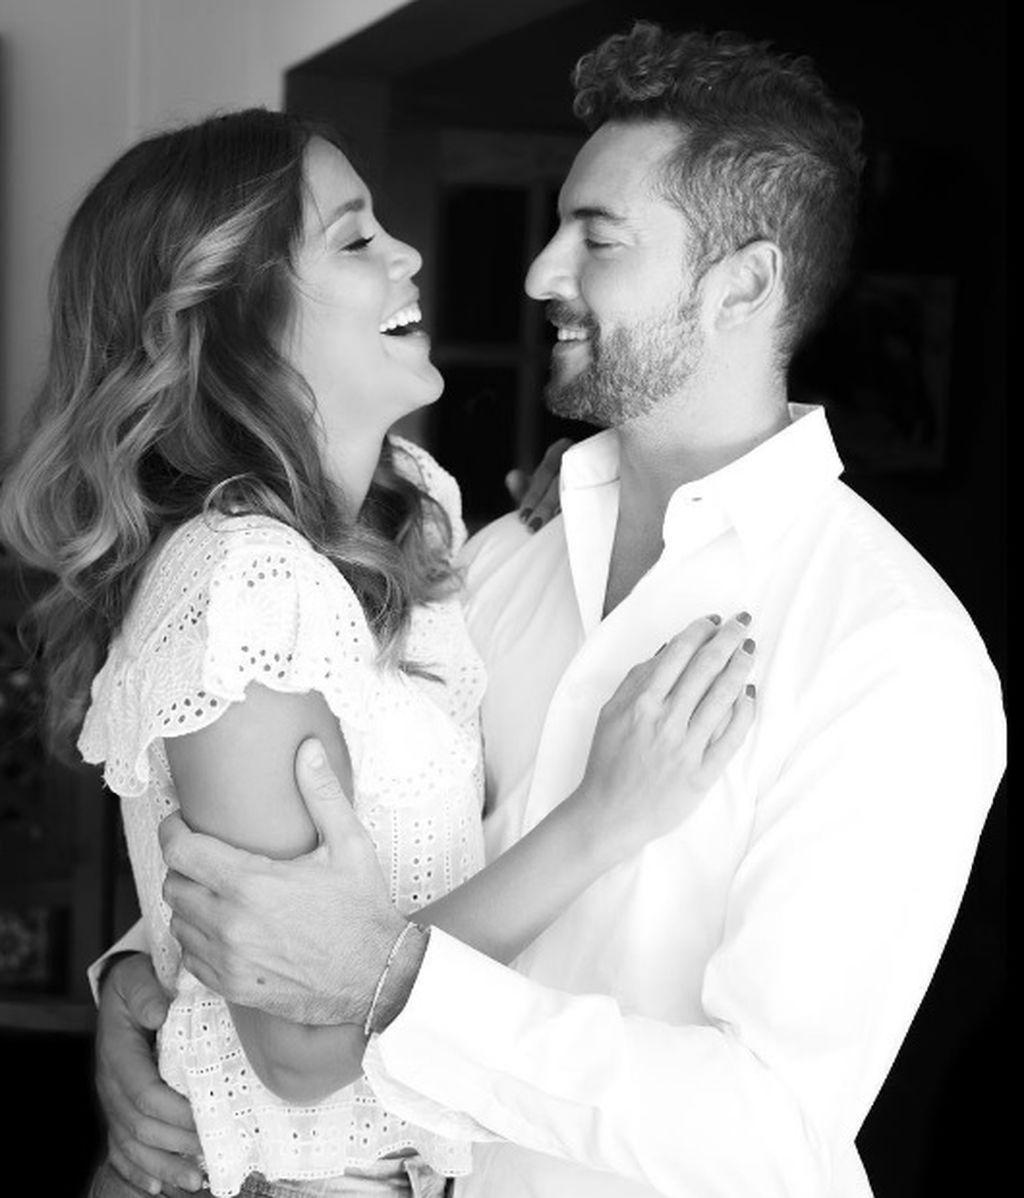 """Bisbal reafirma su amor por Rosanna: """"La felicidad es el camino que hago a tu lado"""""""